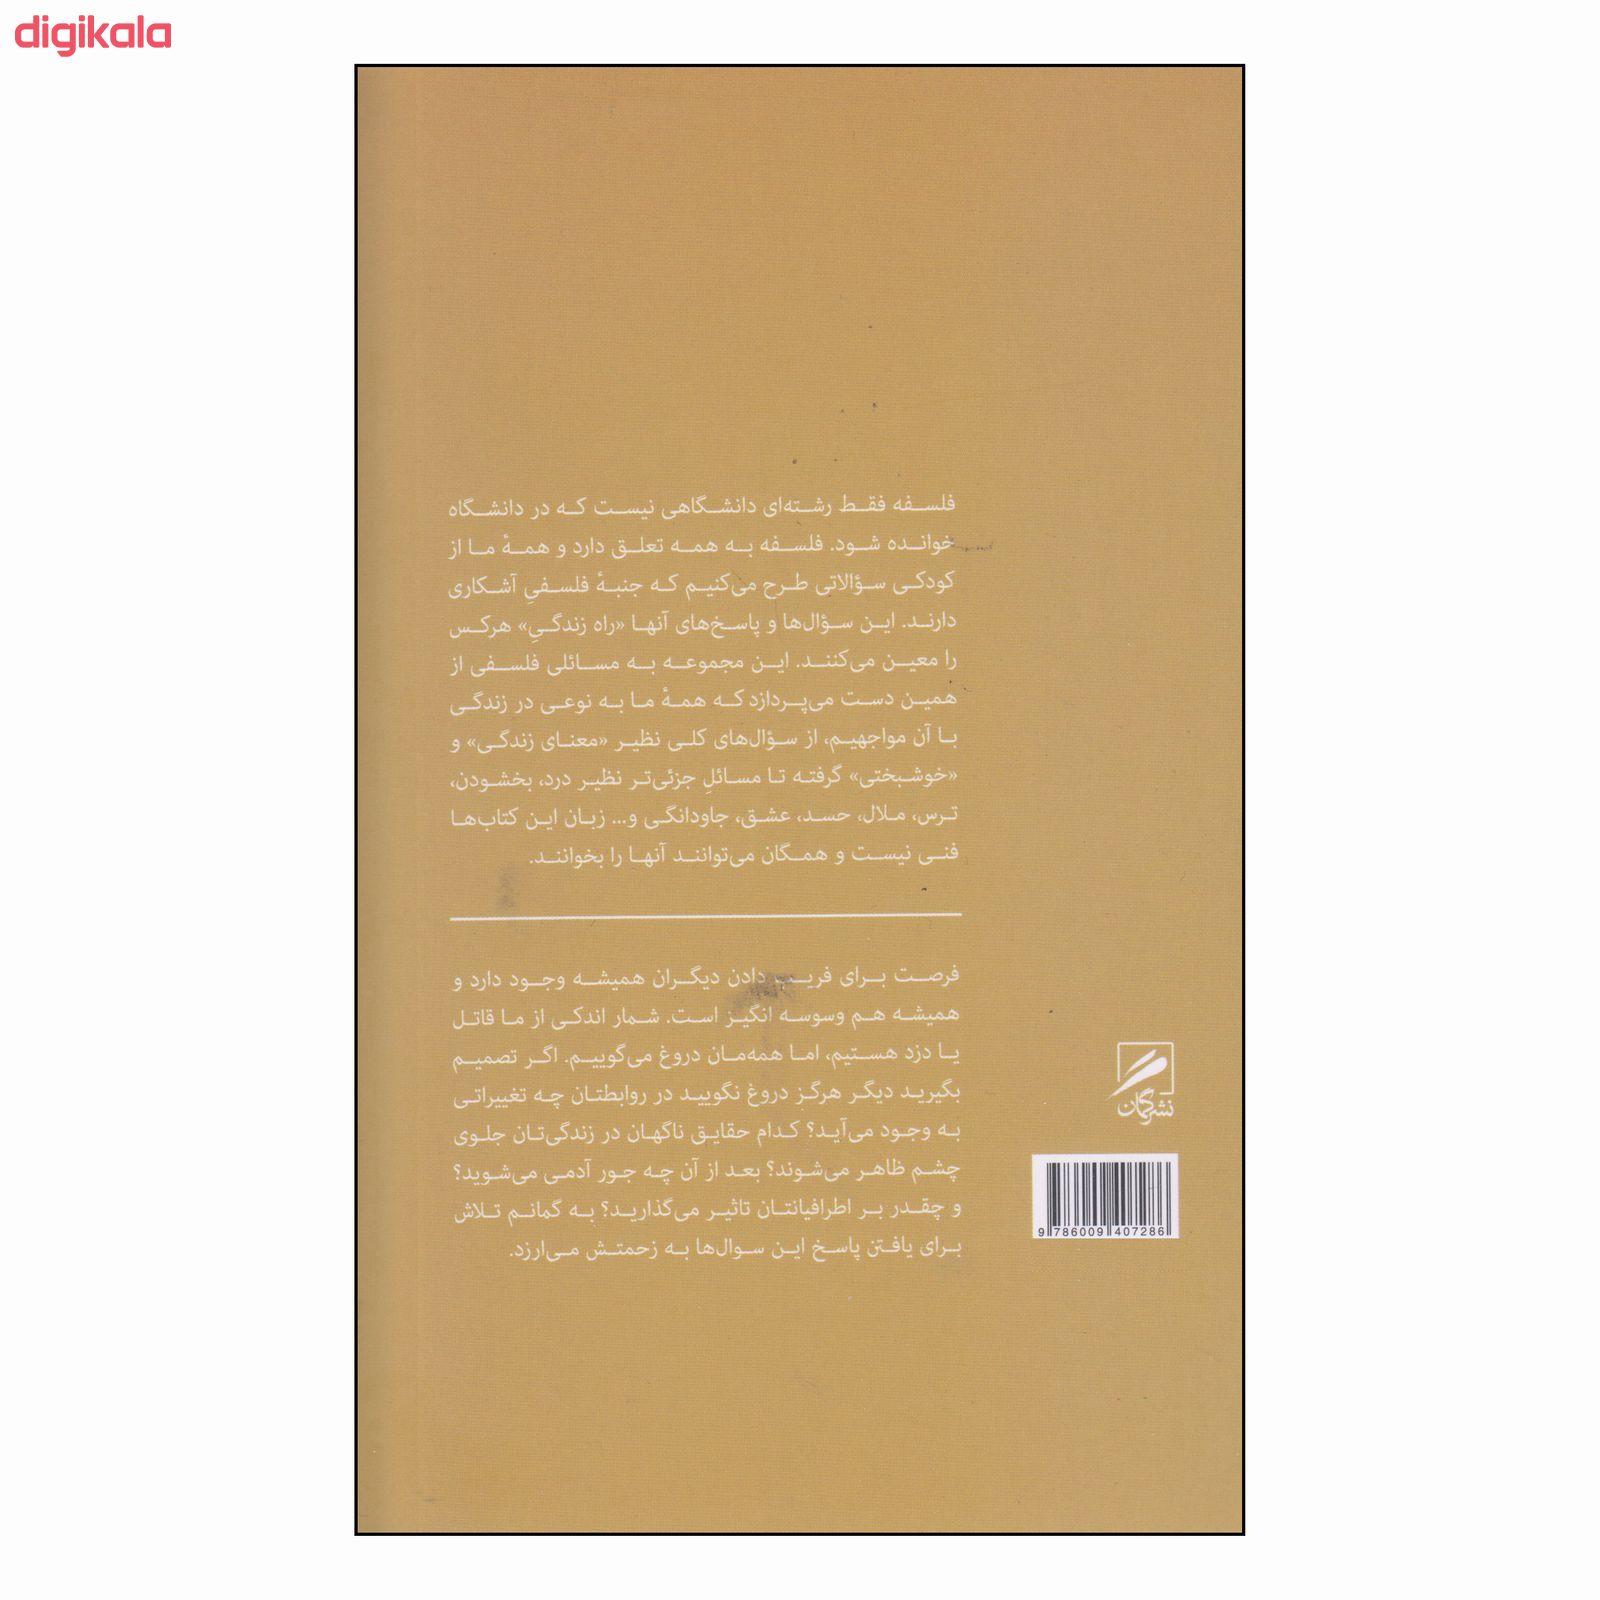 کتاب دروغ اراده آزاد اثر سام هریس نشر گمان main 1 1